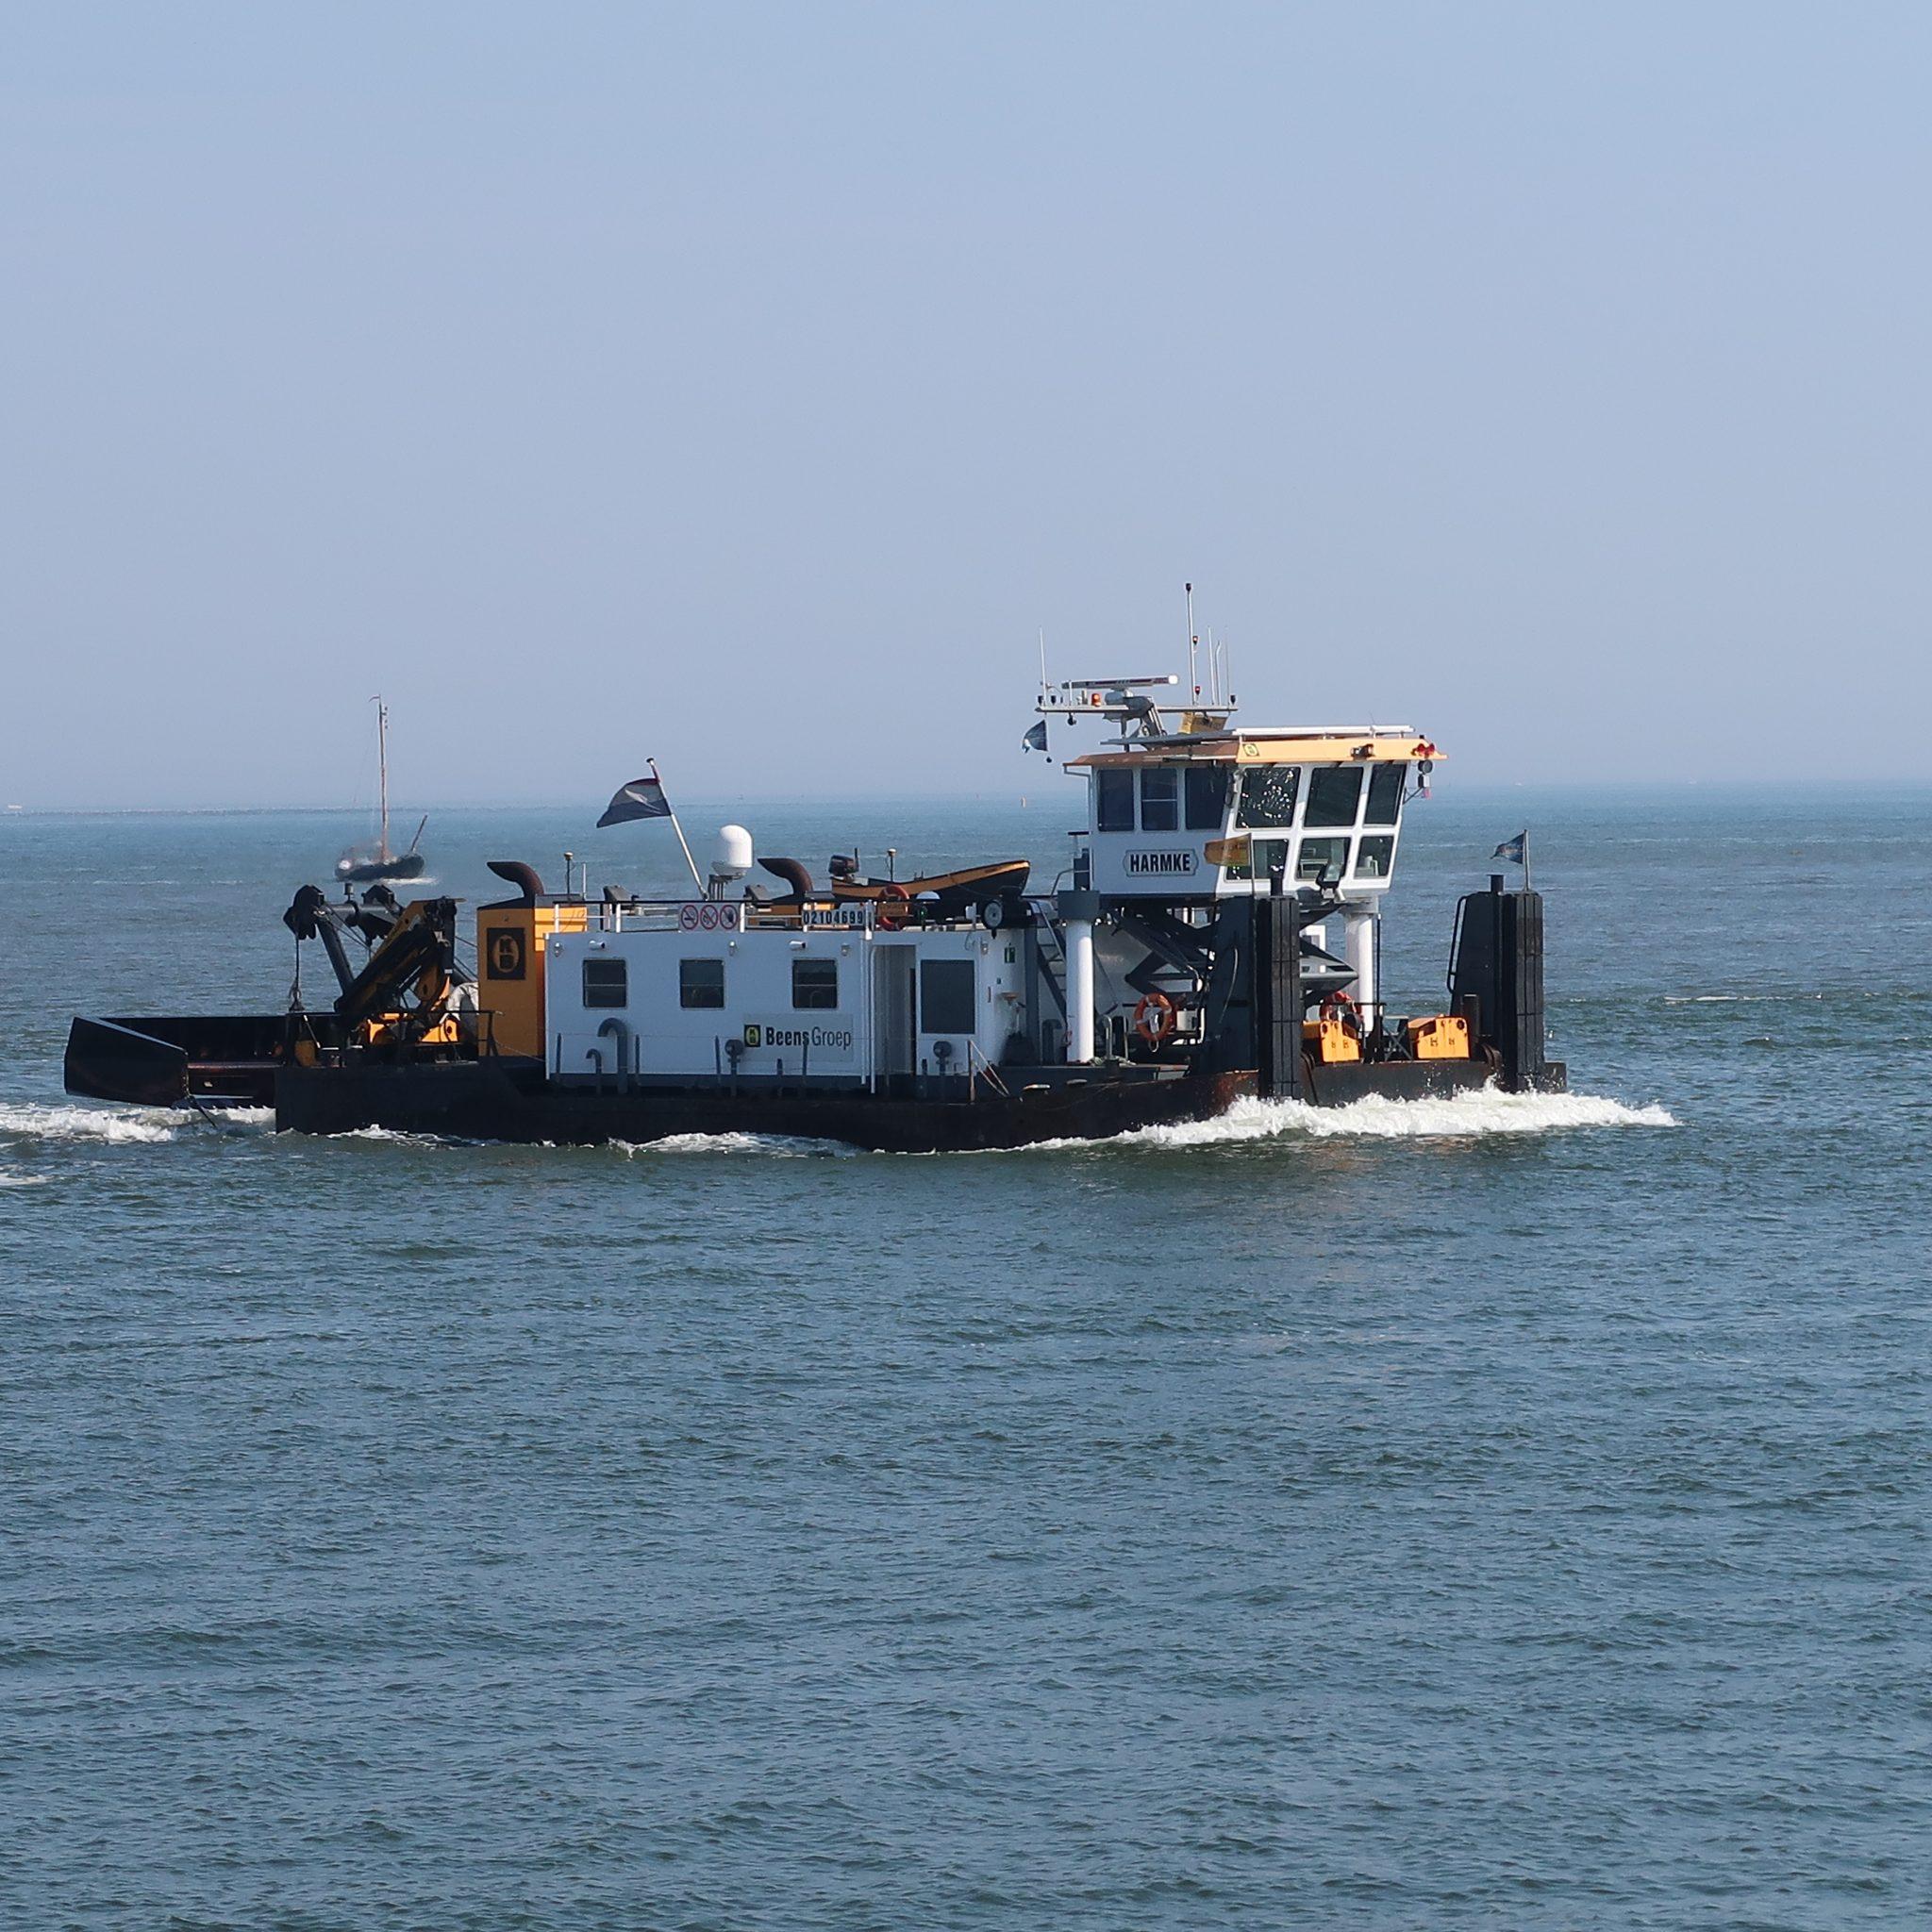 De Harmke zorgt dat de bodem van de haveningang van de marine egaal blijft. (Foto W.M. den Heijer)